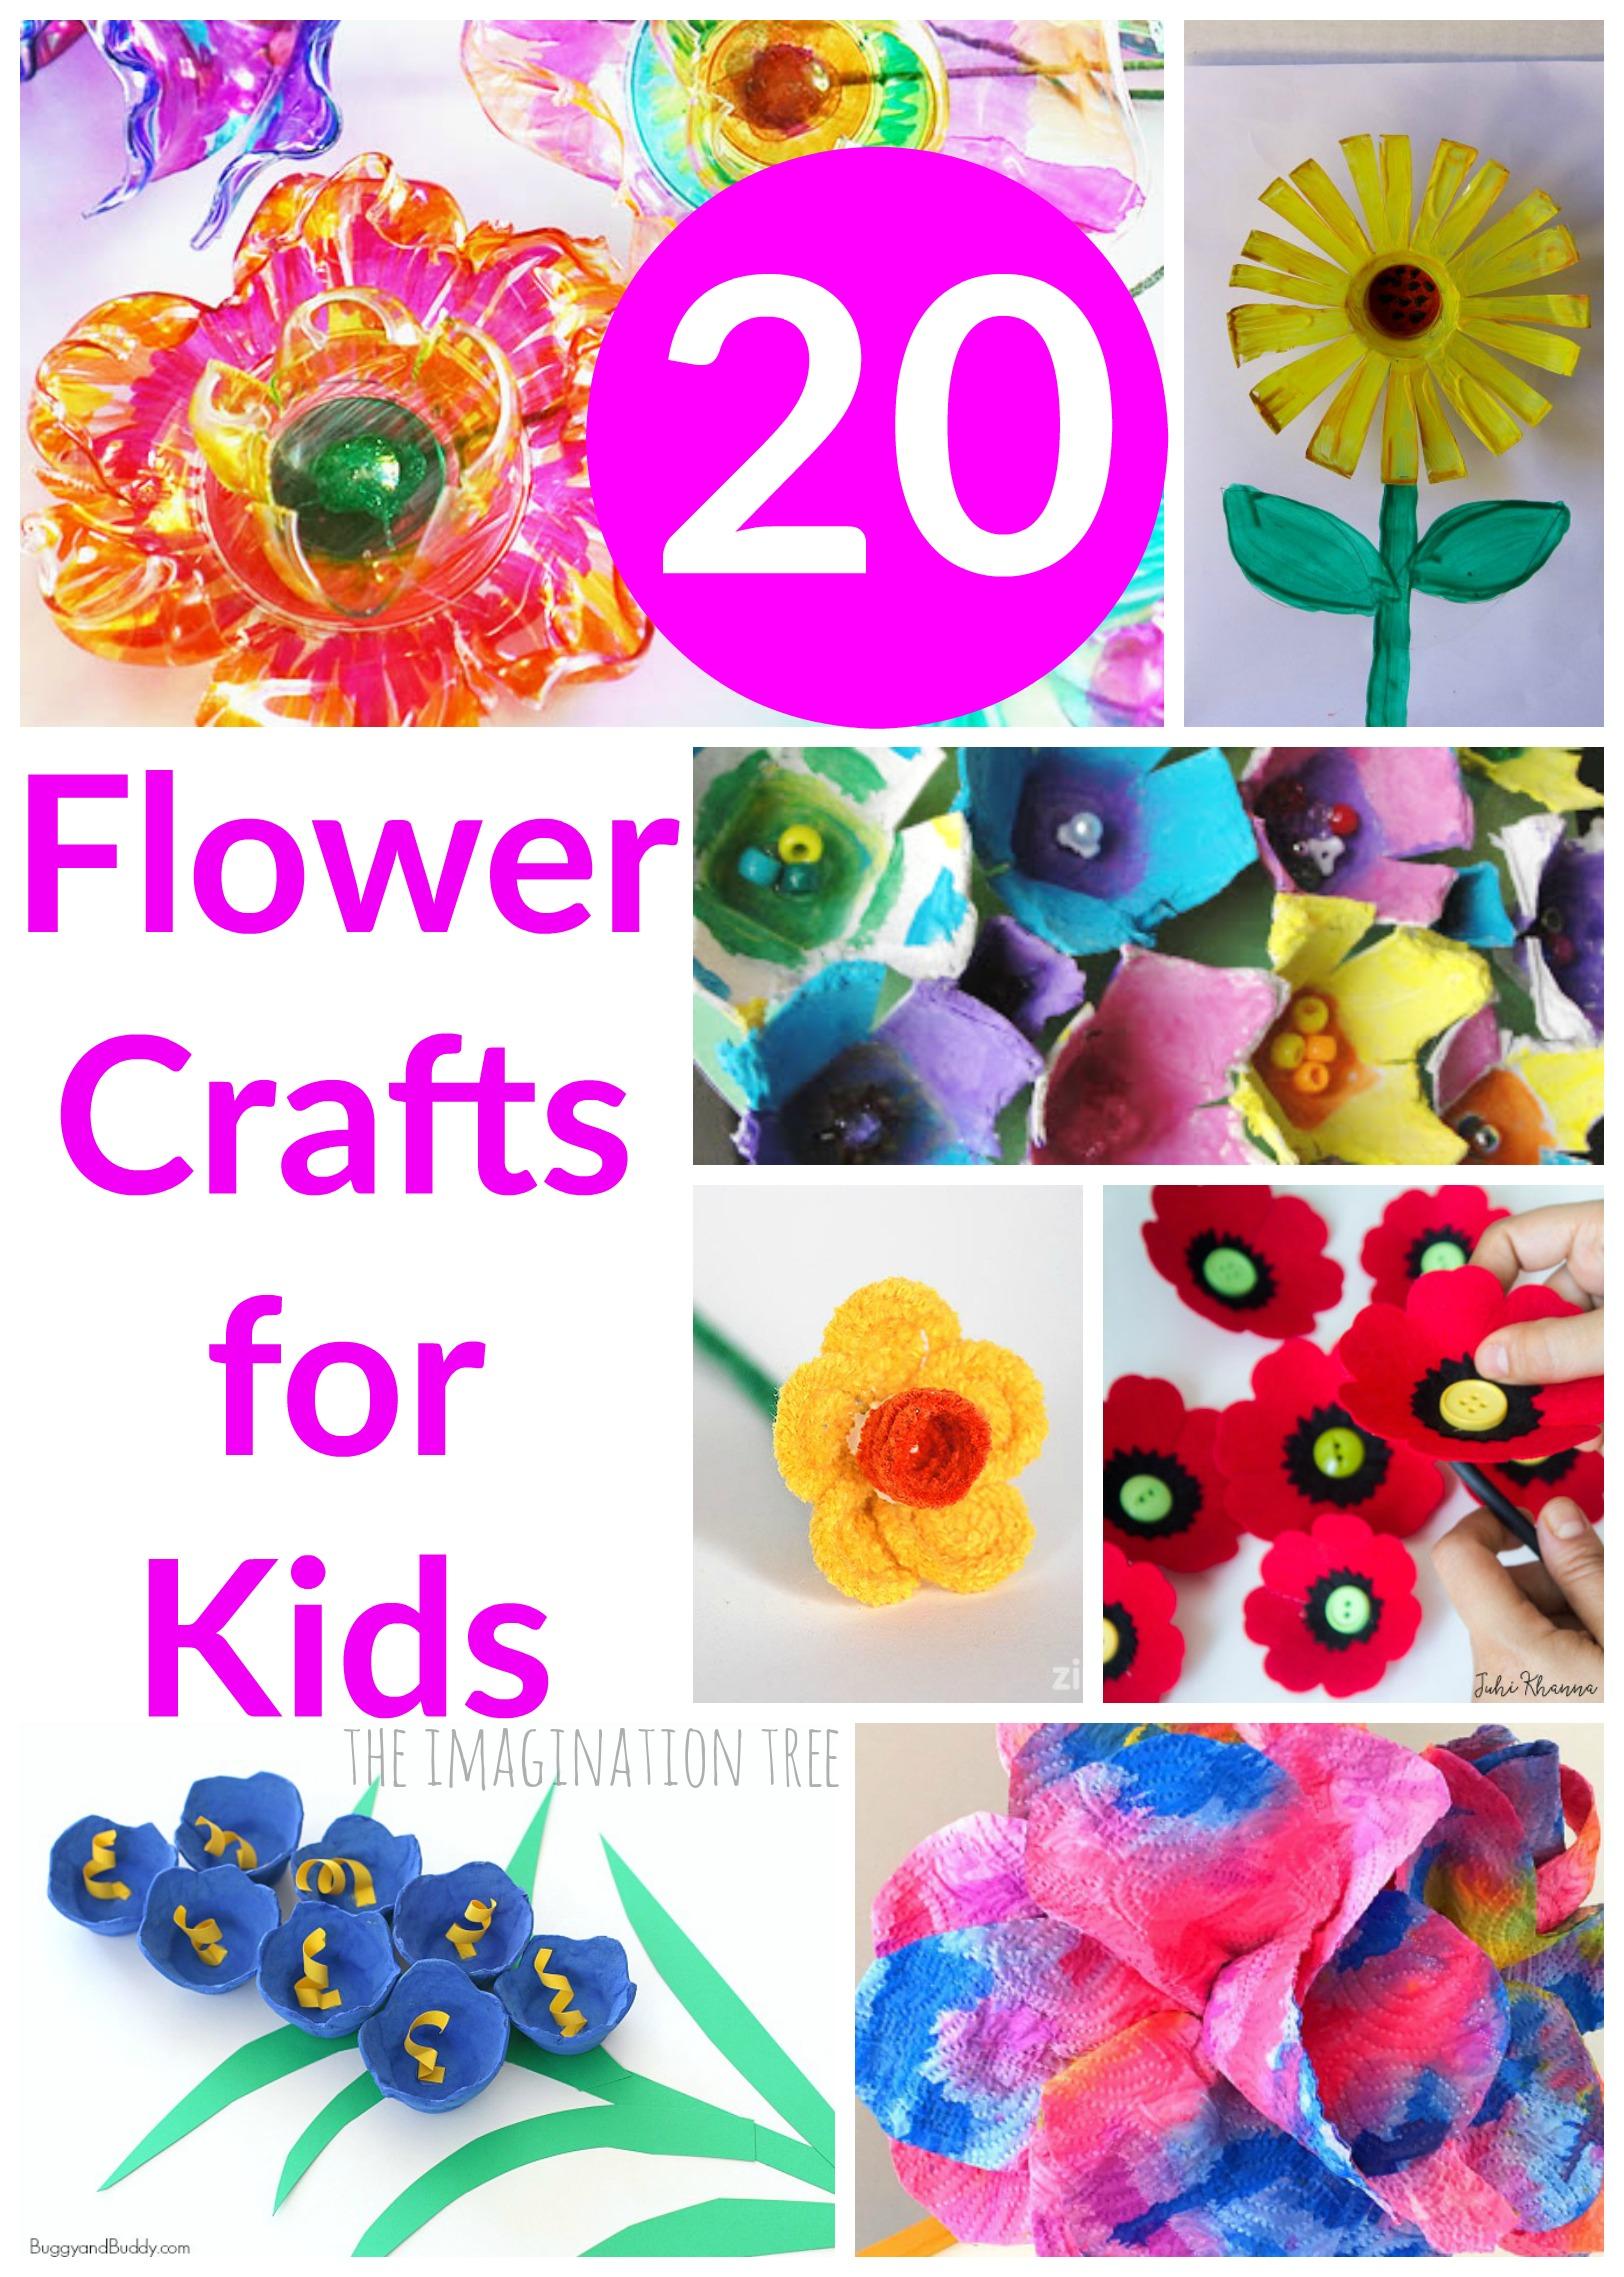 Kindness crafts for preschoolers - Kindness Crafts For Preschoolers 58